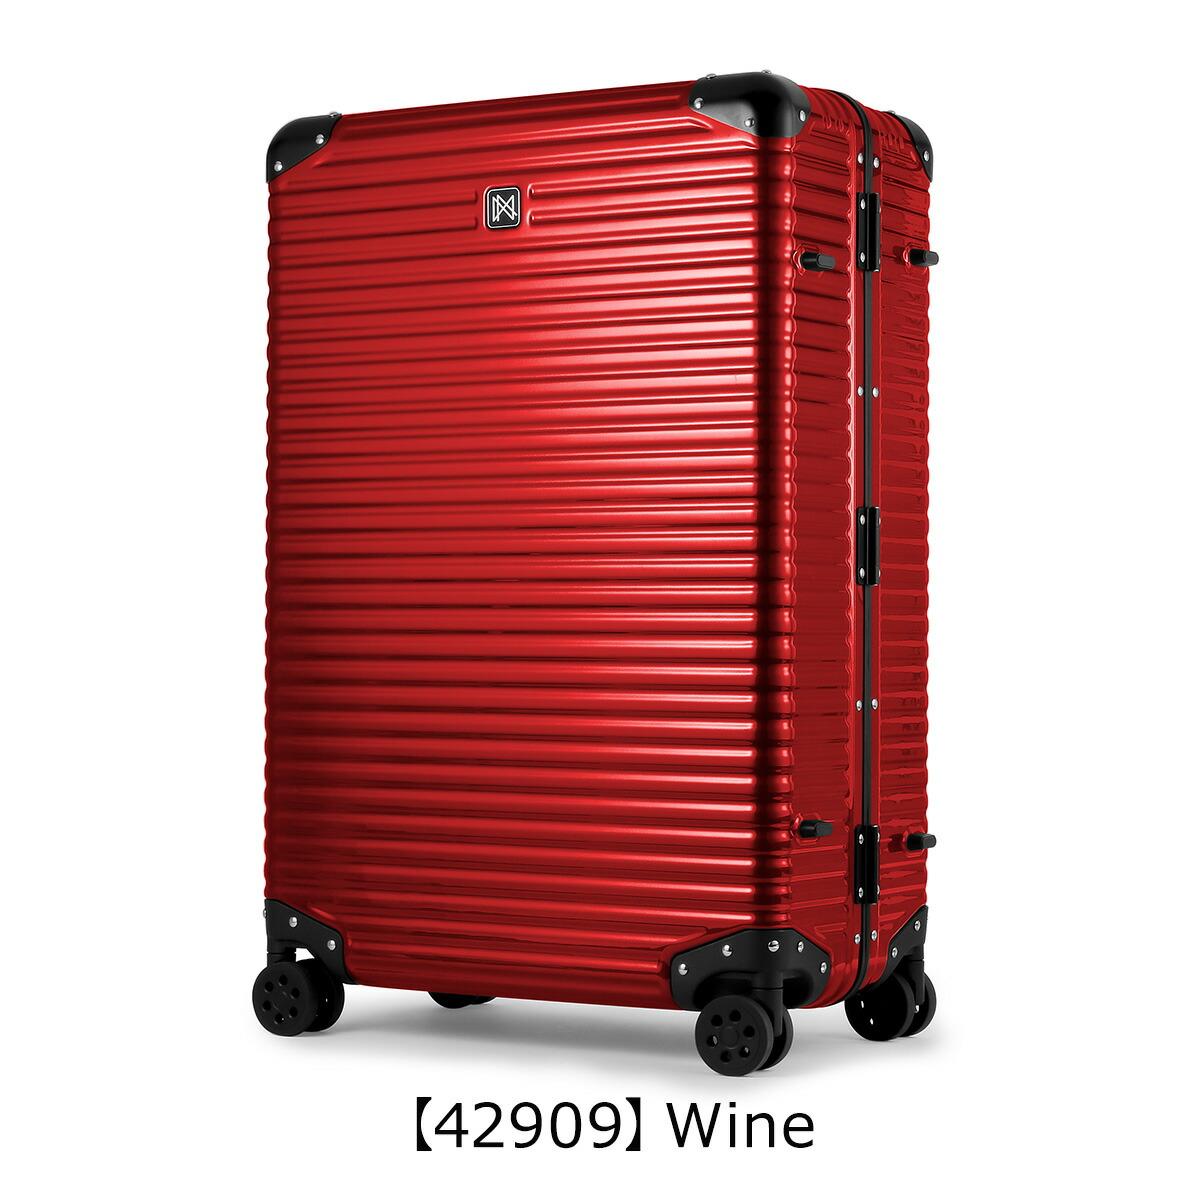 【42909】Wine